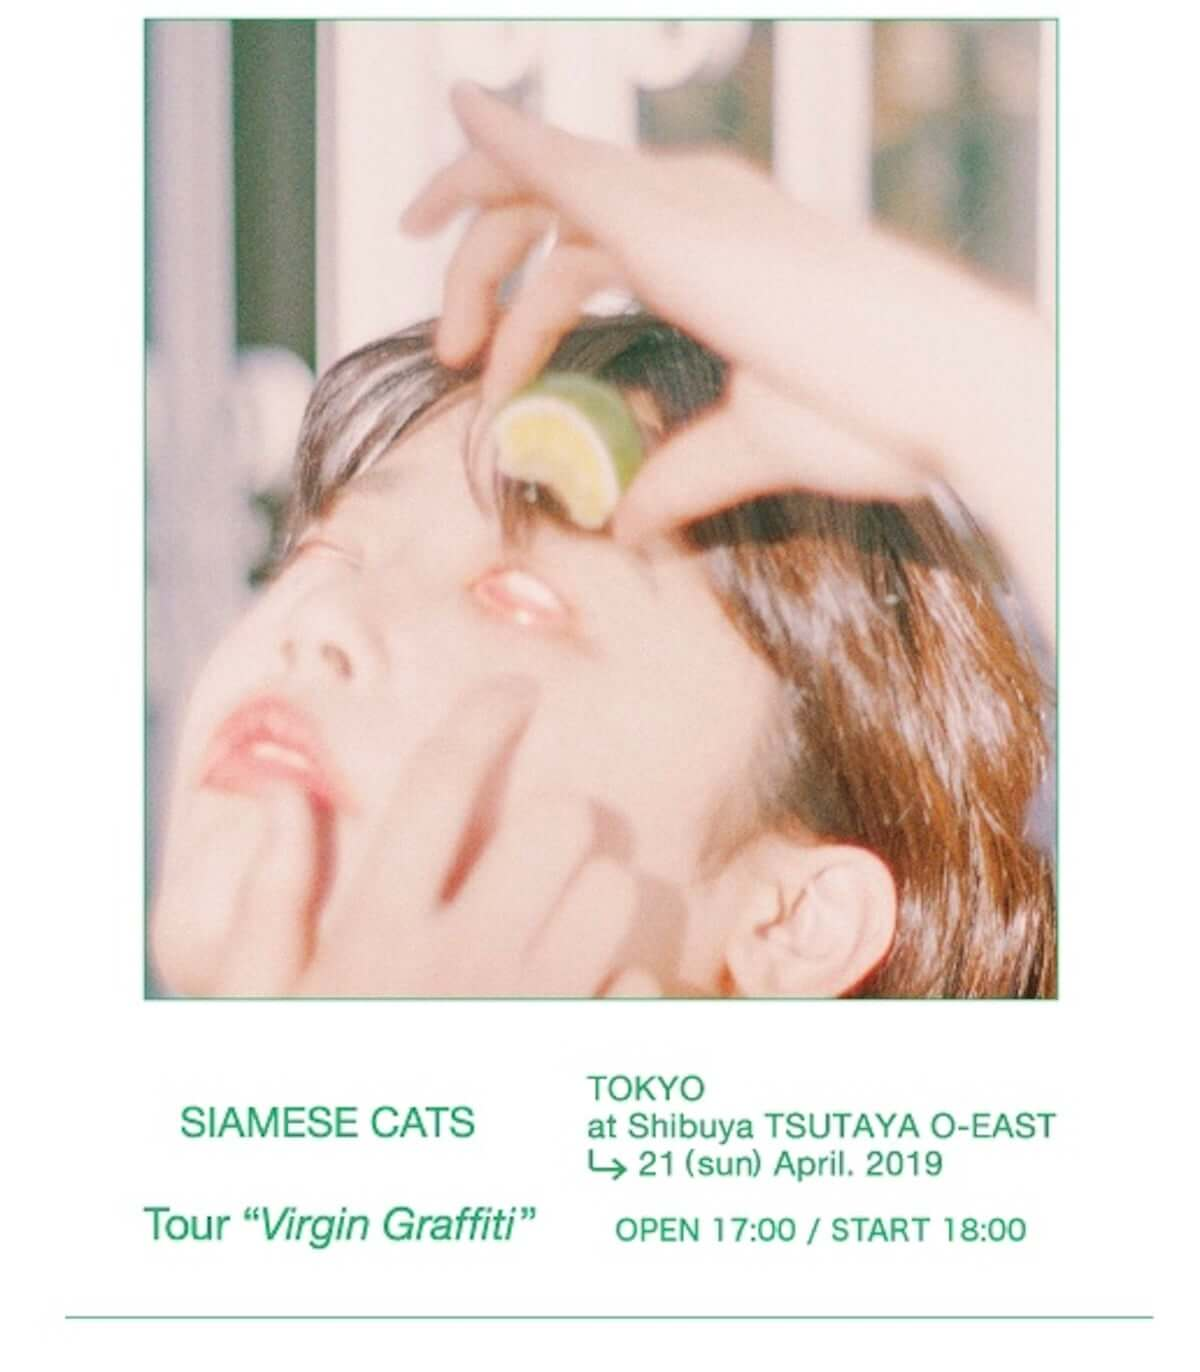 """4月21日渋谷O−EASTにてシャムキャッツ ツアー """"Virgin Graffiti""""東京公演開催! music190418_siamese-1200x1372"""